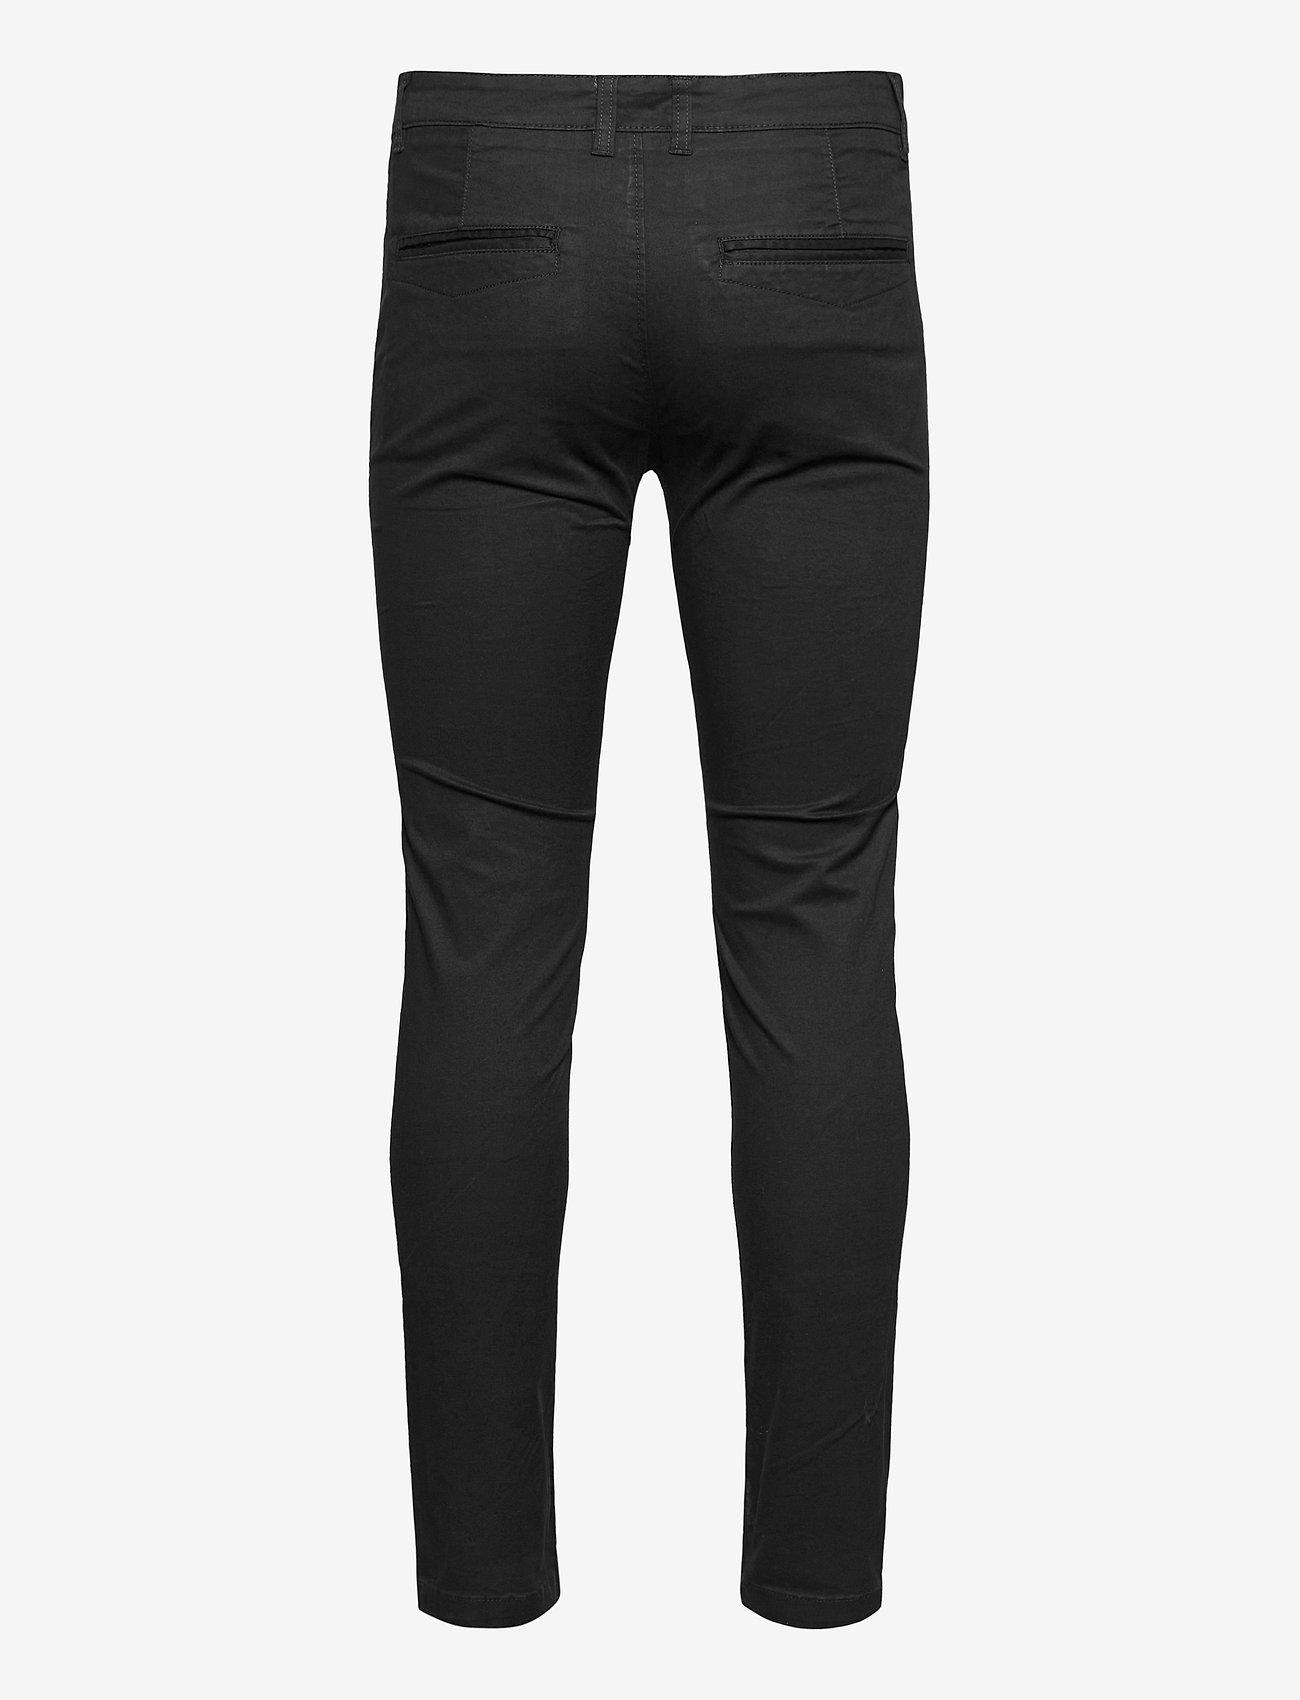 Denim project DPLUMI PANT - Bukser BLACK - Menn Klær